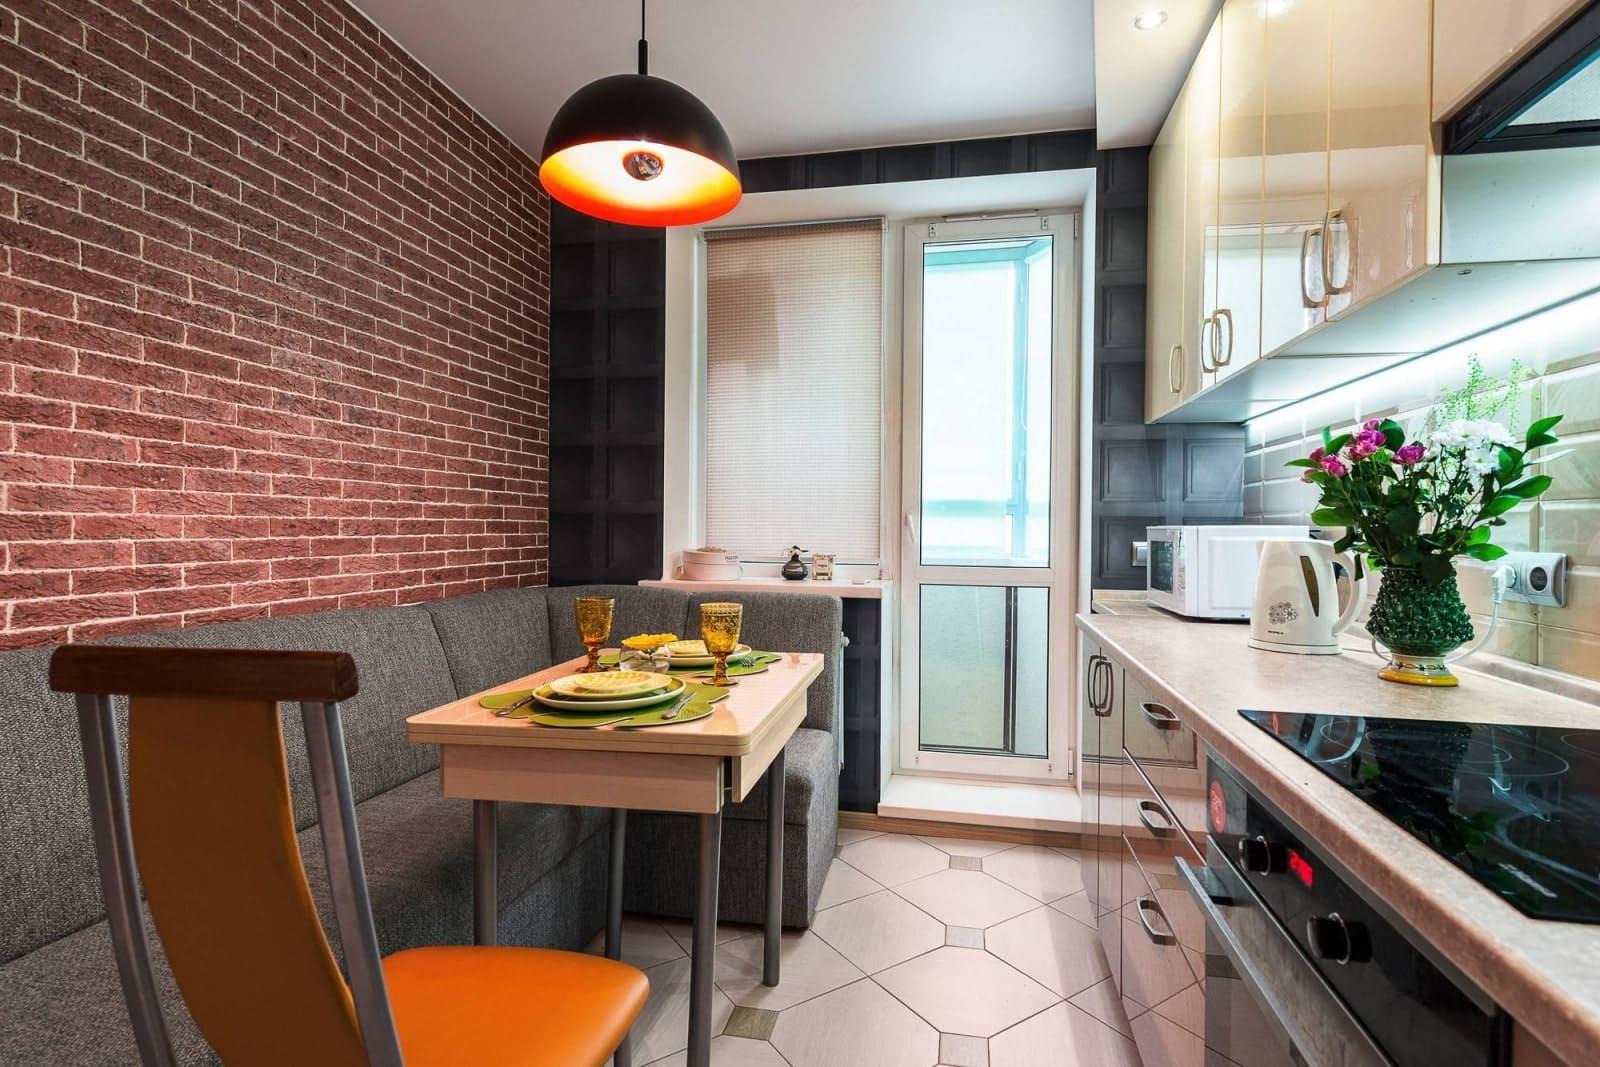 узкая и вытянутая кухня 12 метров